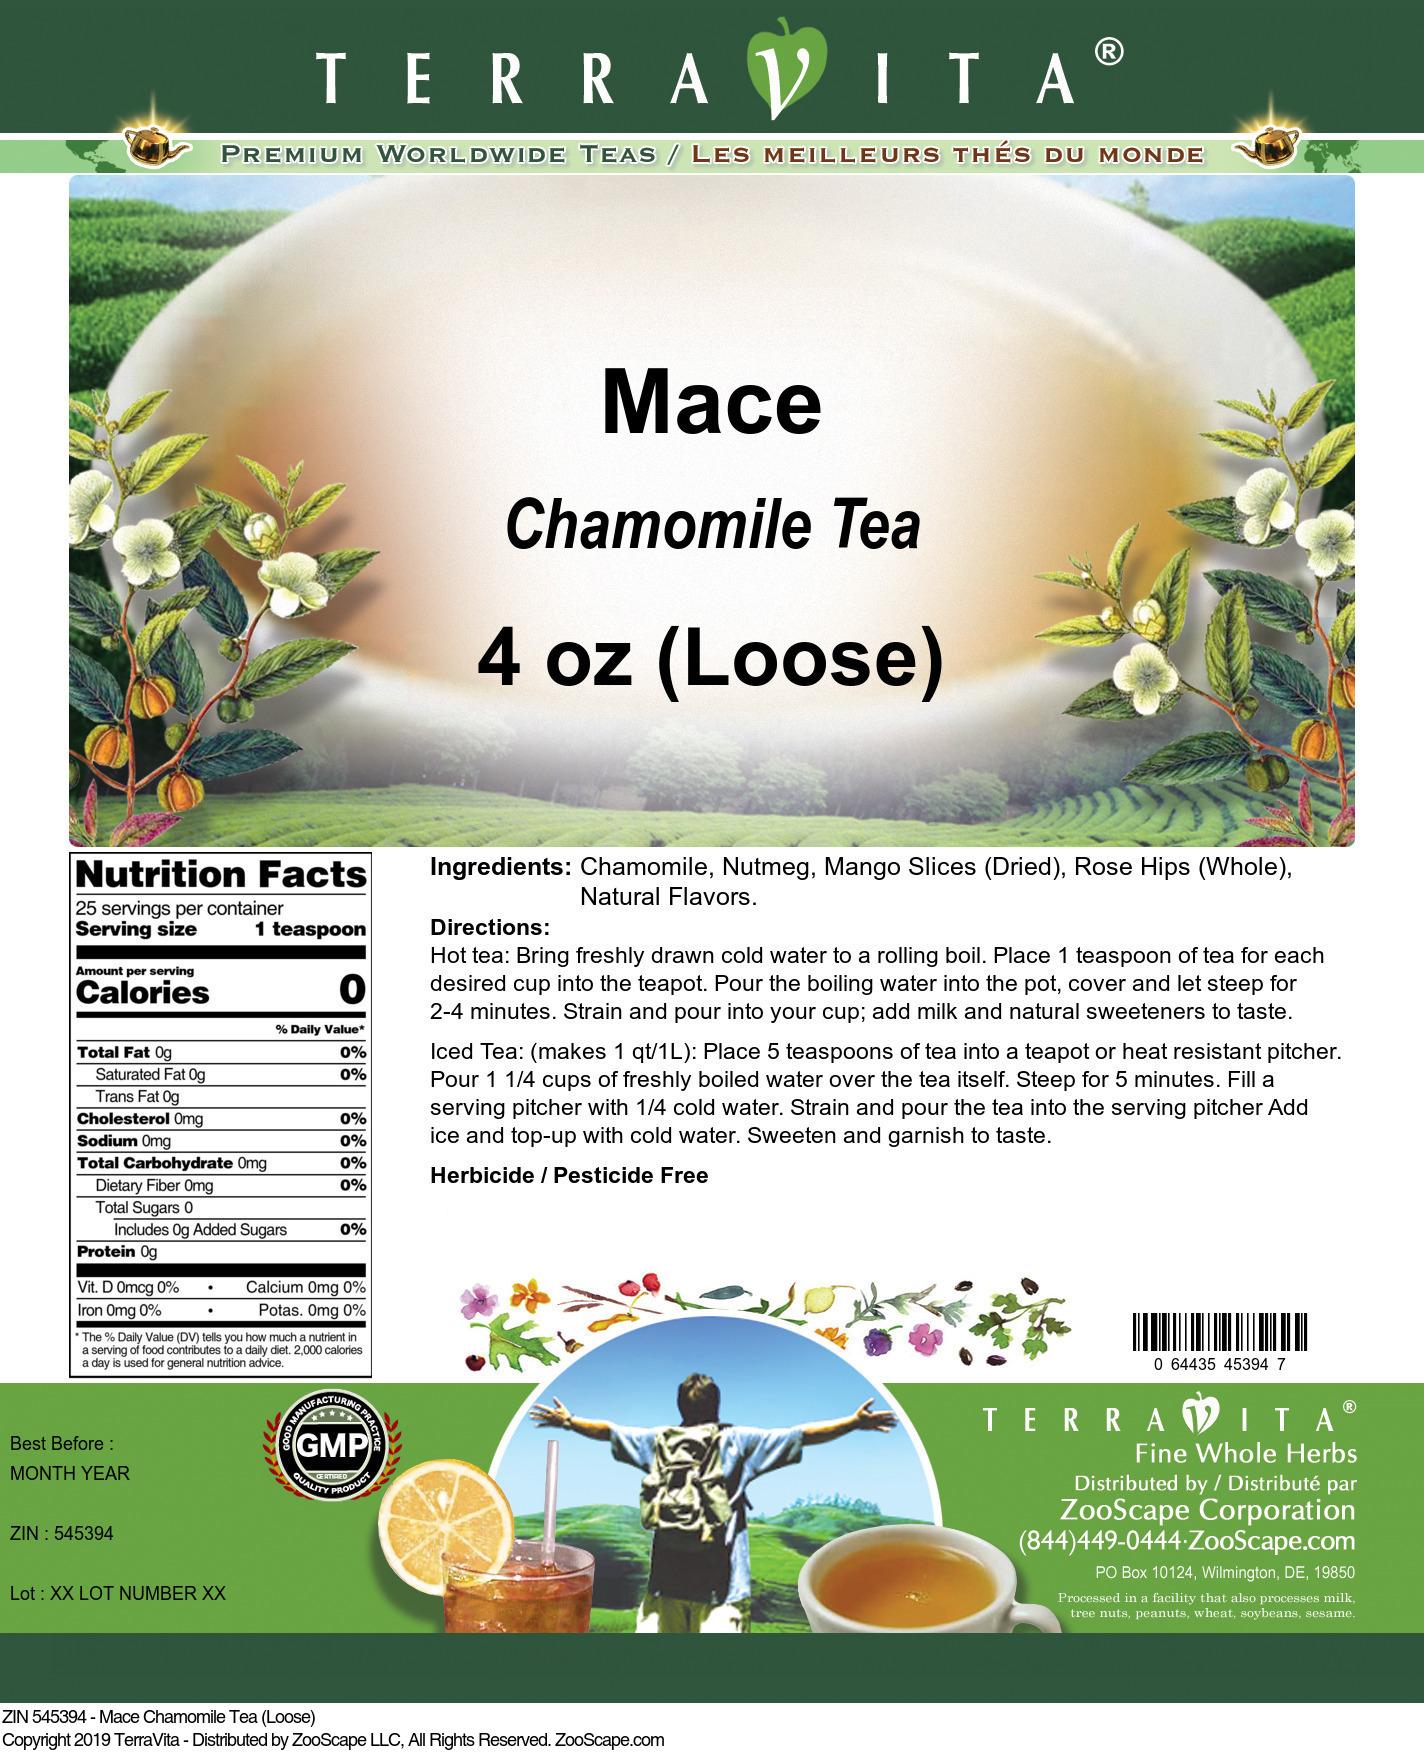 Mace Chamomile Tea